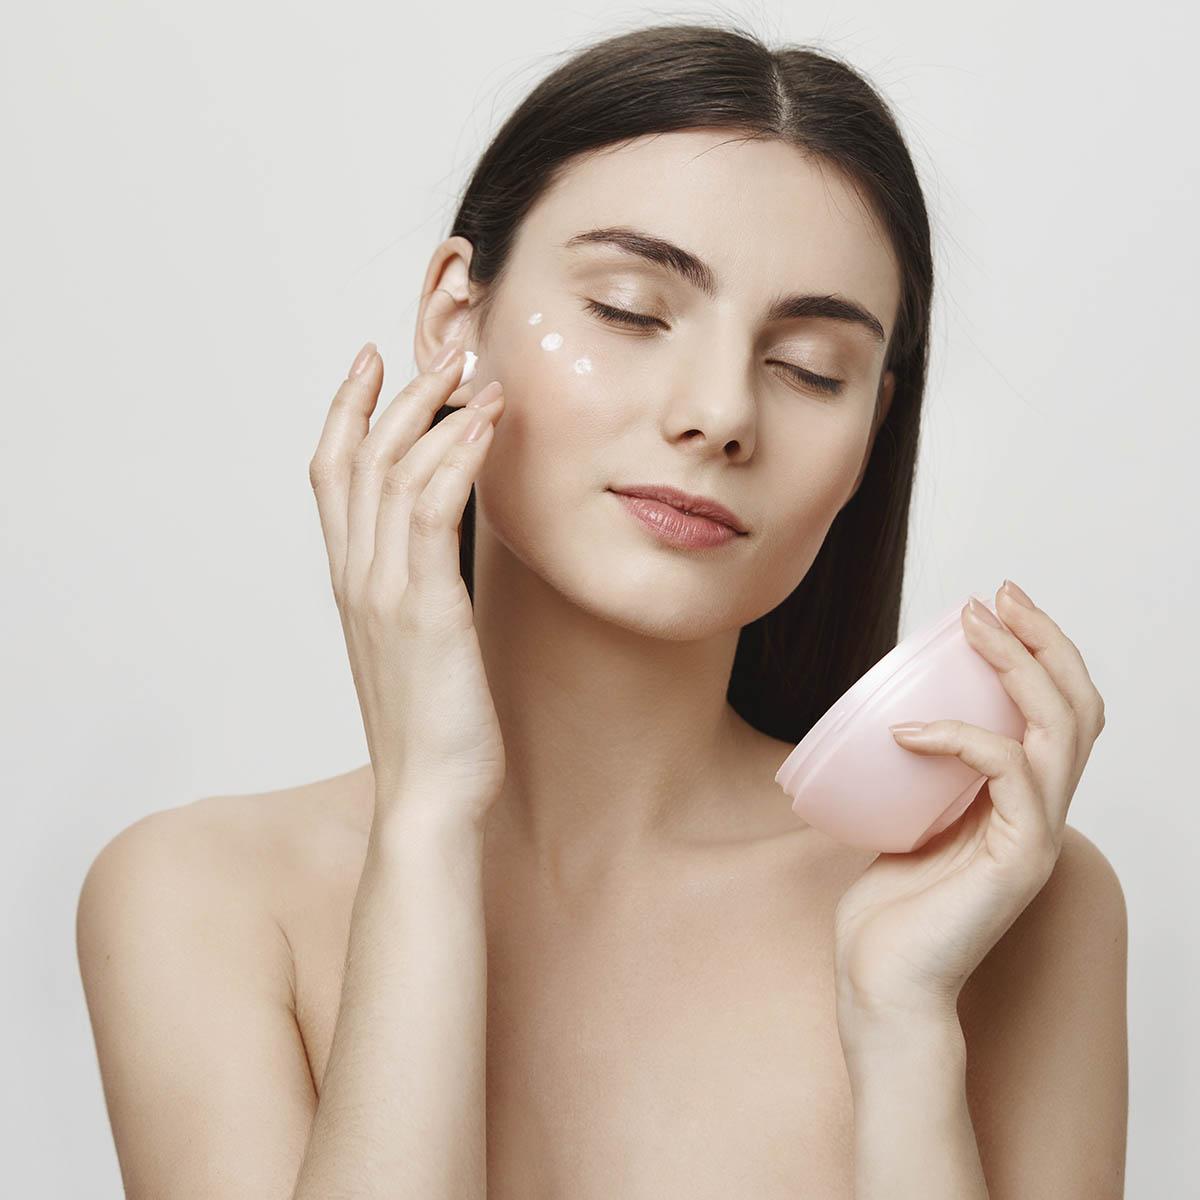 Cosmetica natural de venta online